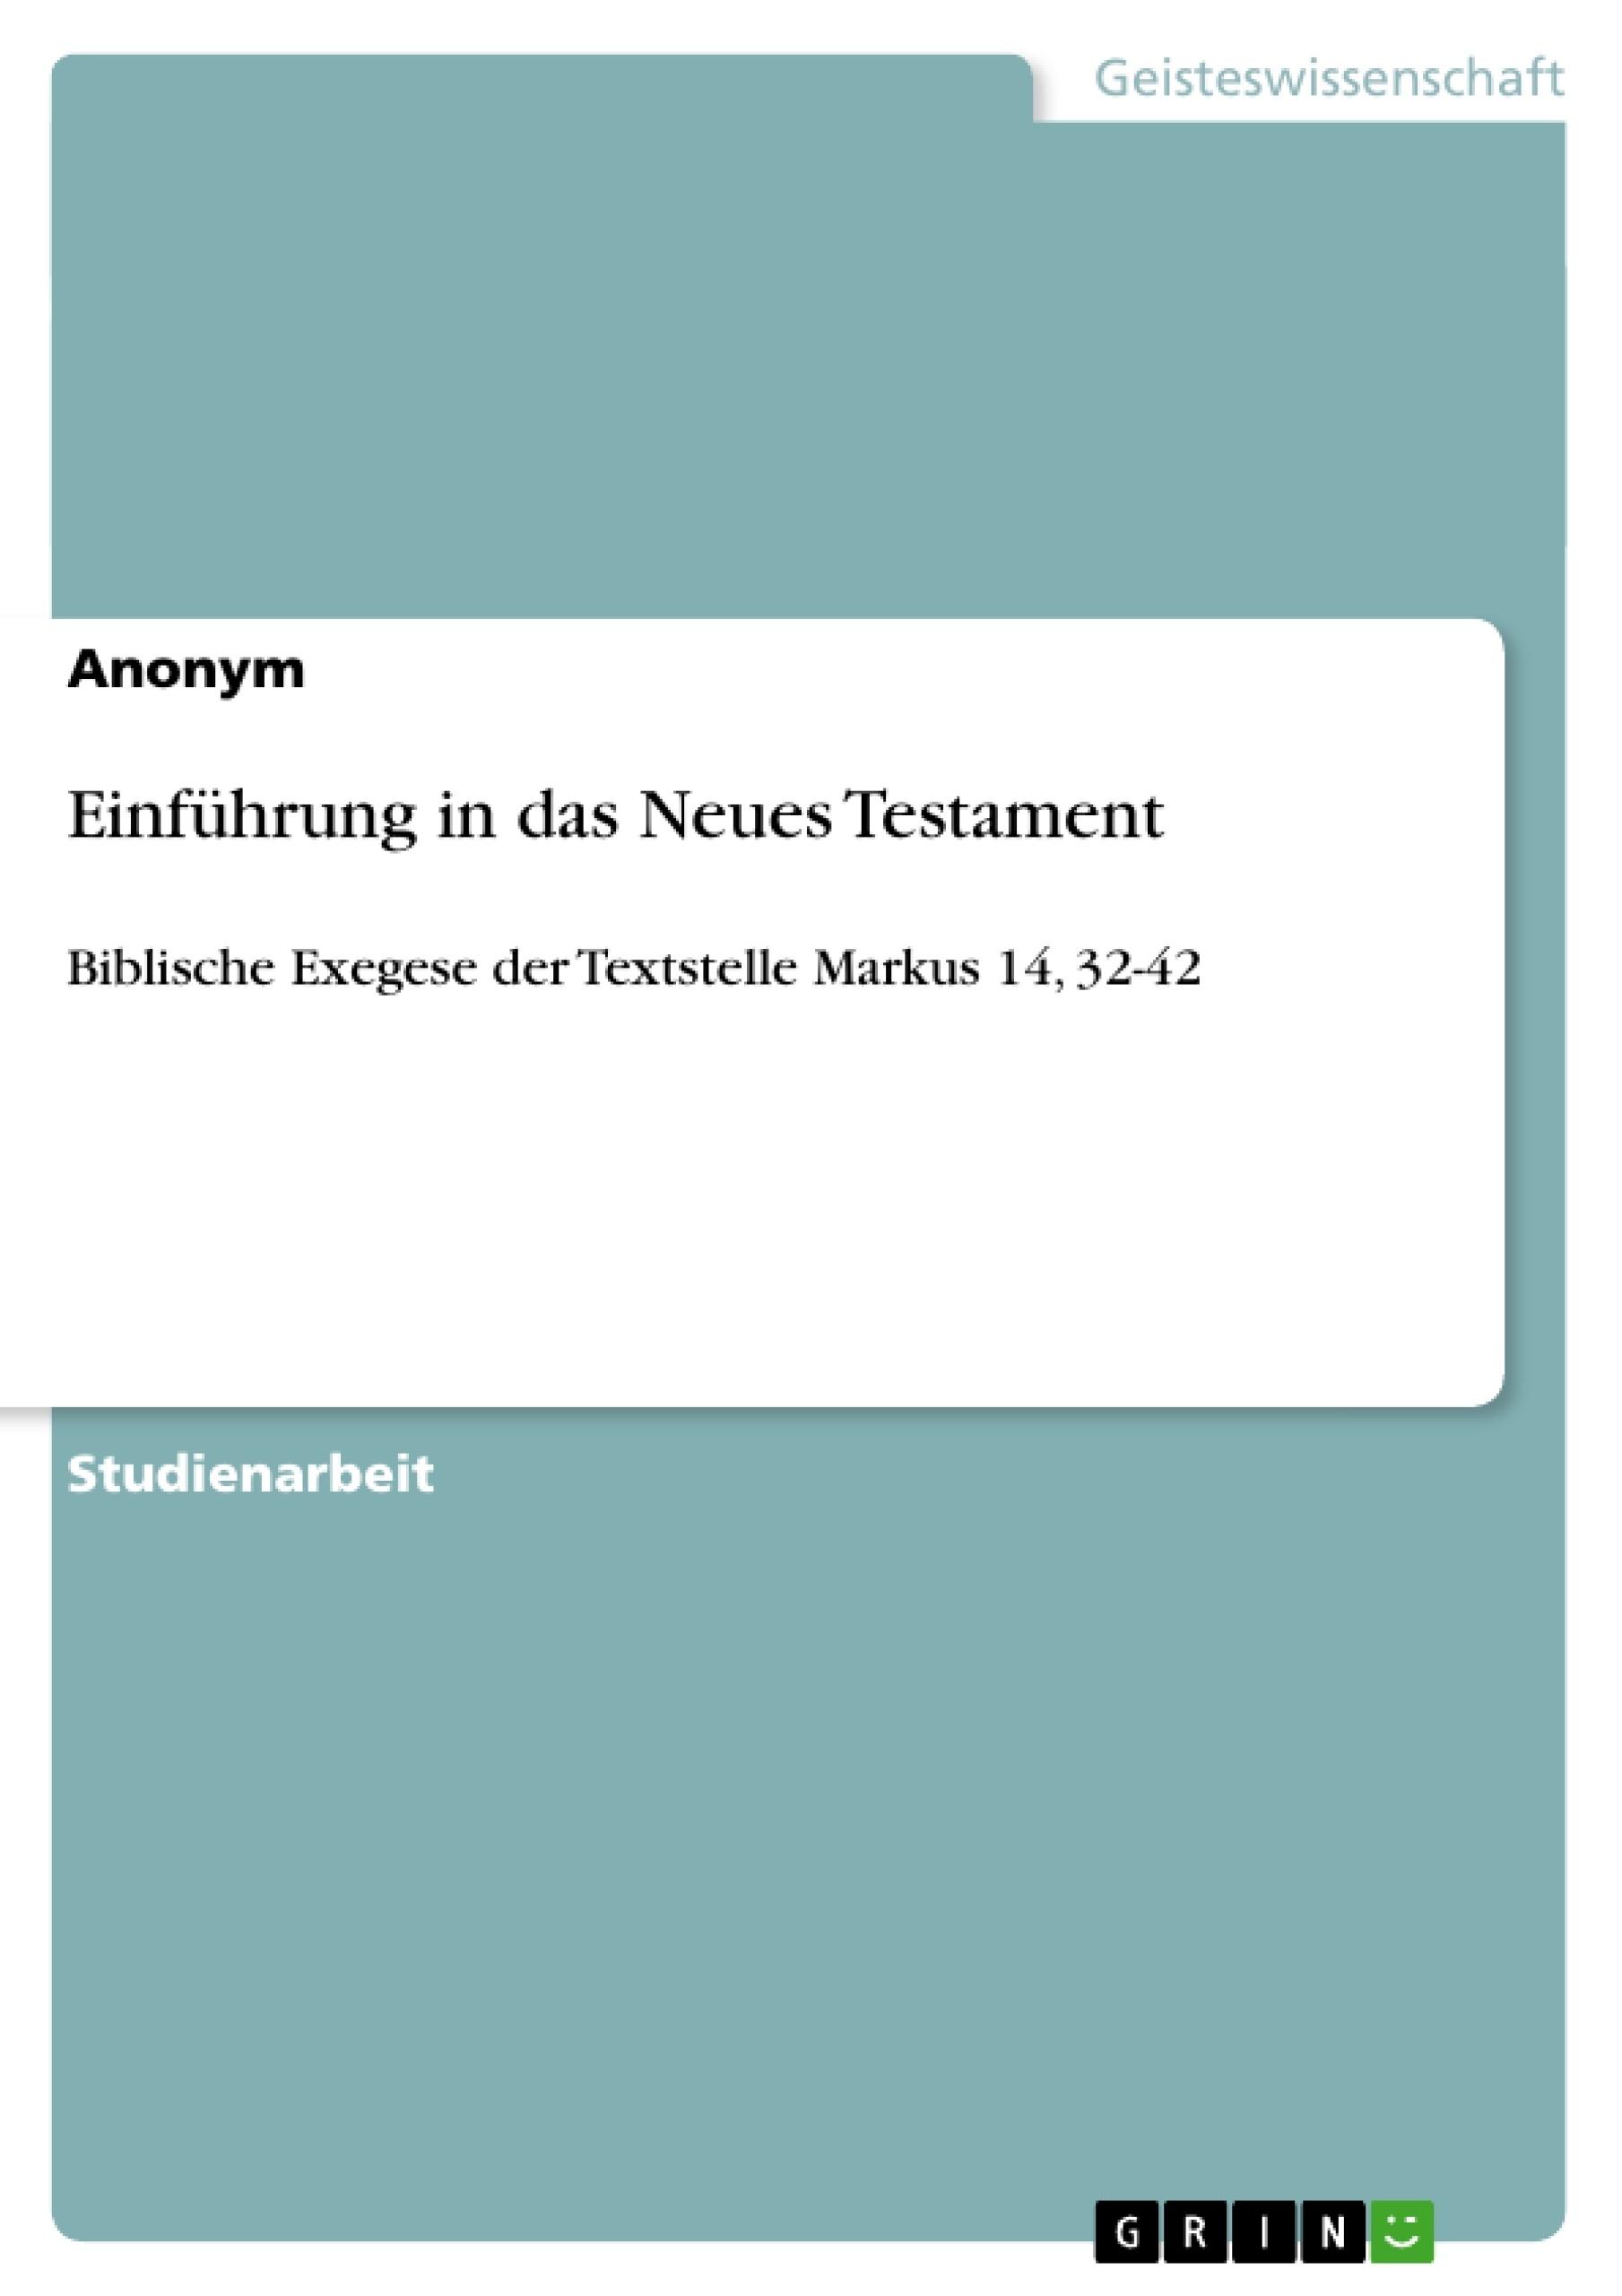 Titel: Einführung in das Neues Testament